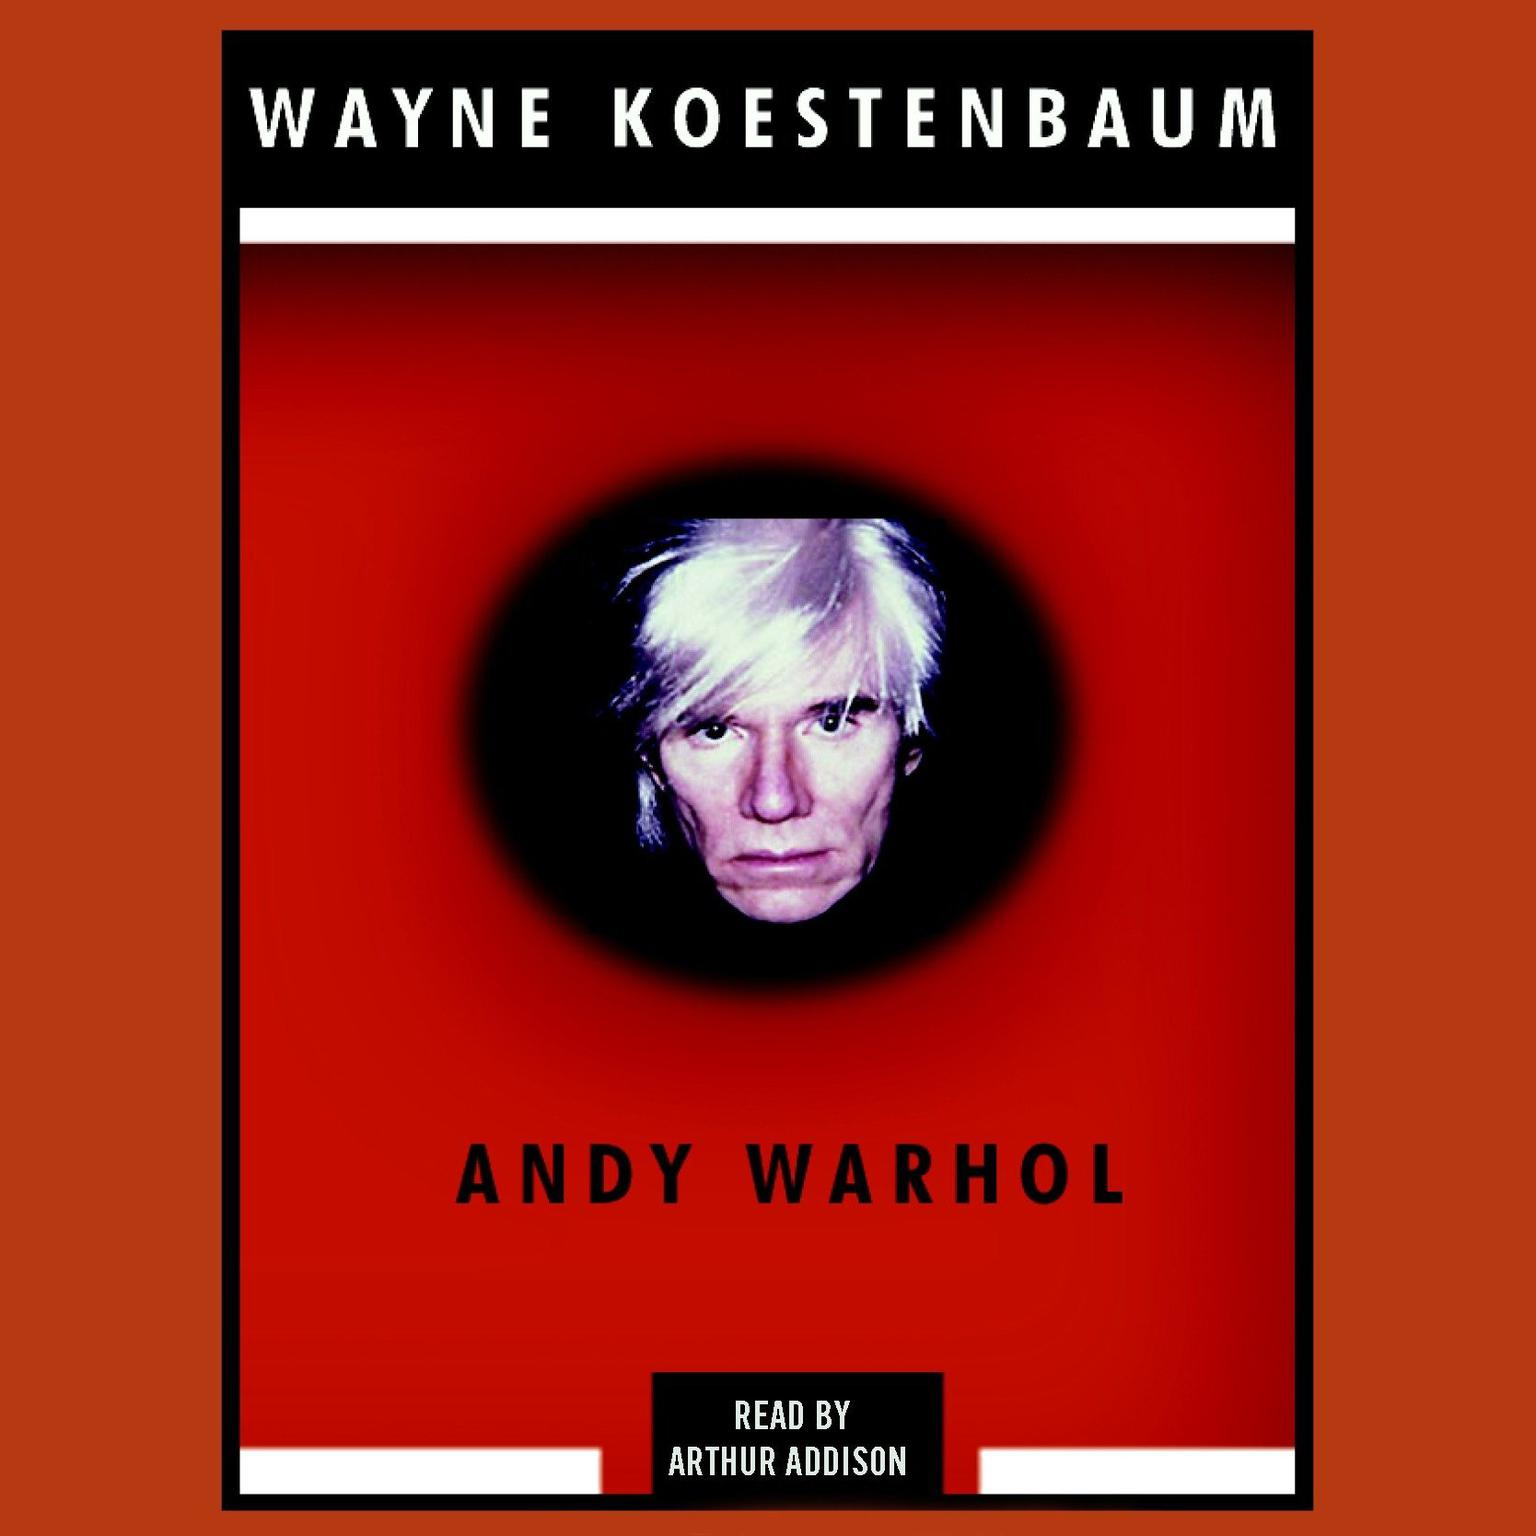 Andy Warhol Audiobook, by Wayne Koestenbaum